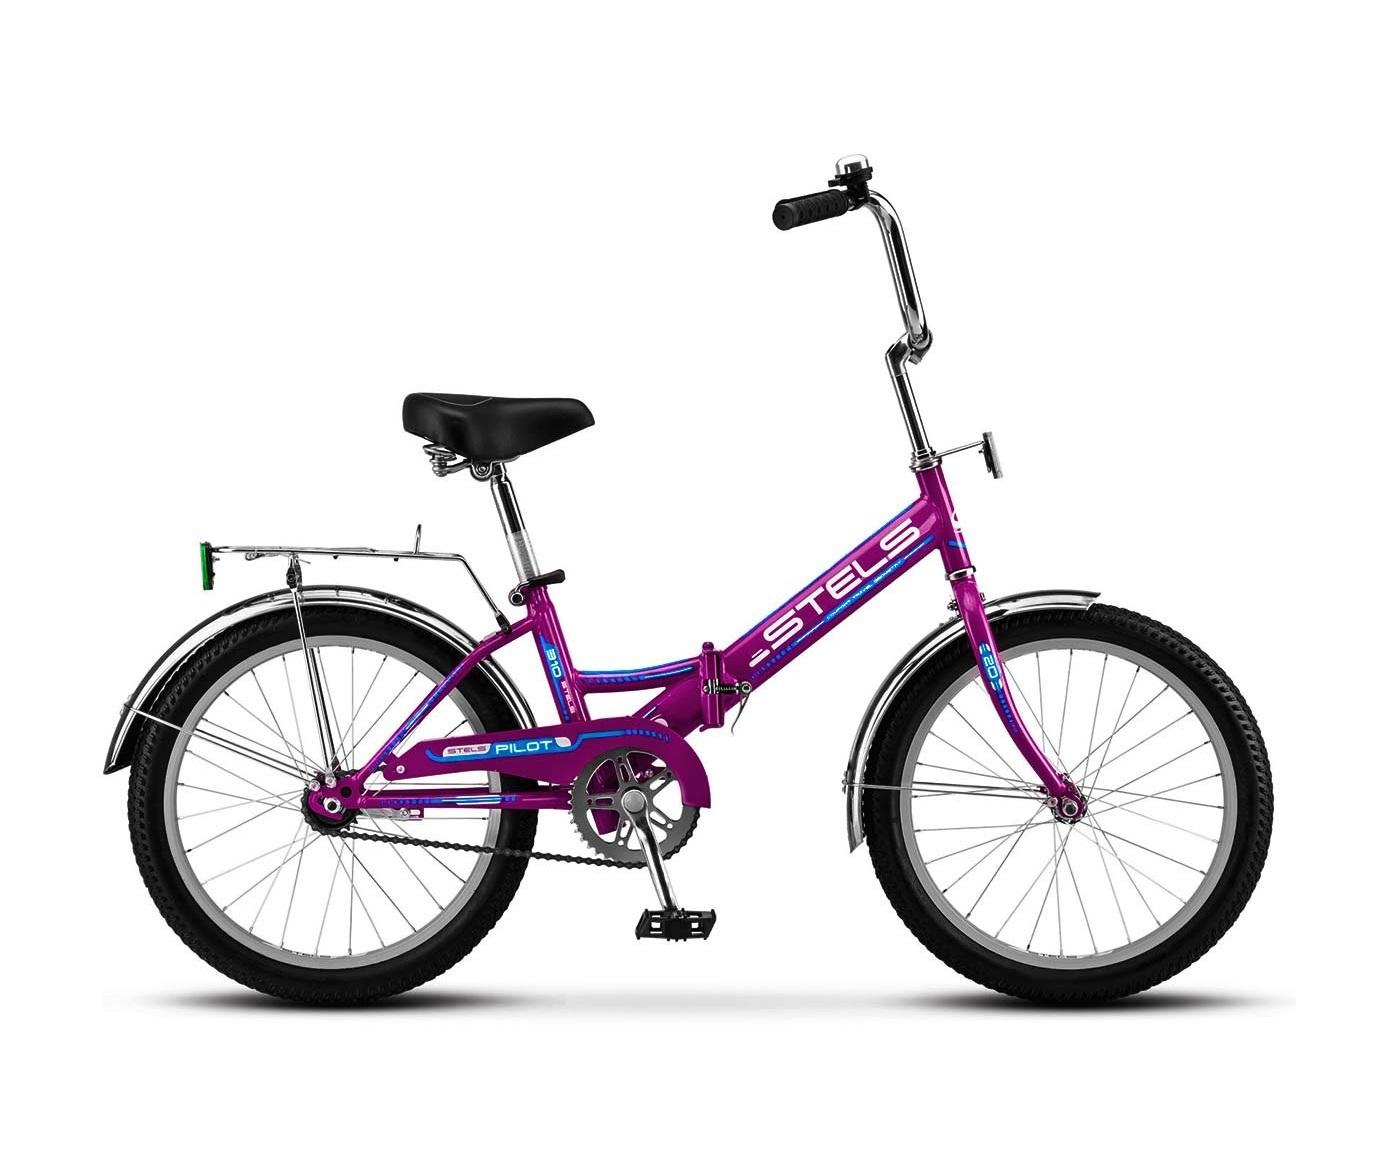 Велосипед стелс 310 фото с ребенком